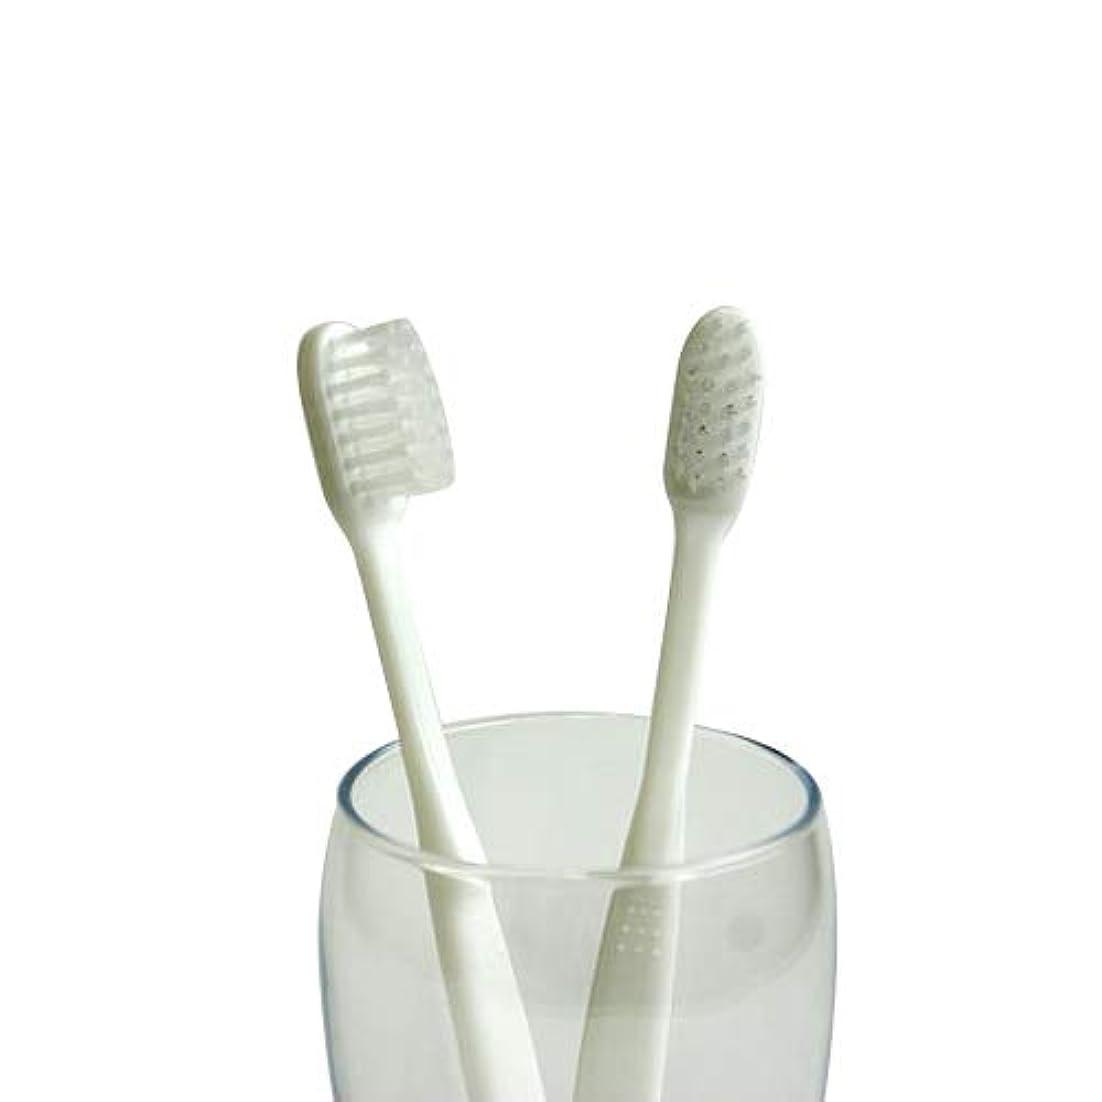 プット緊張修正業務用使い捨て歯ブラシ(ハミガキ粉無し) 500本入り│口腔衛生用 清掃用 掃除用 工業用 ハブラシ はぶらし